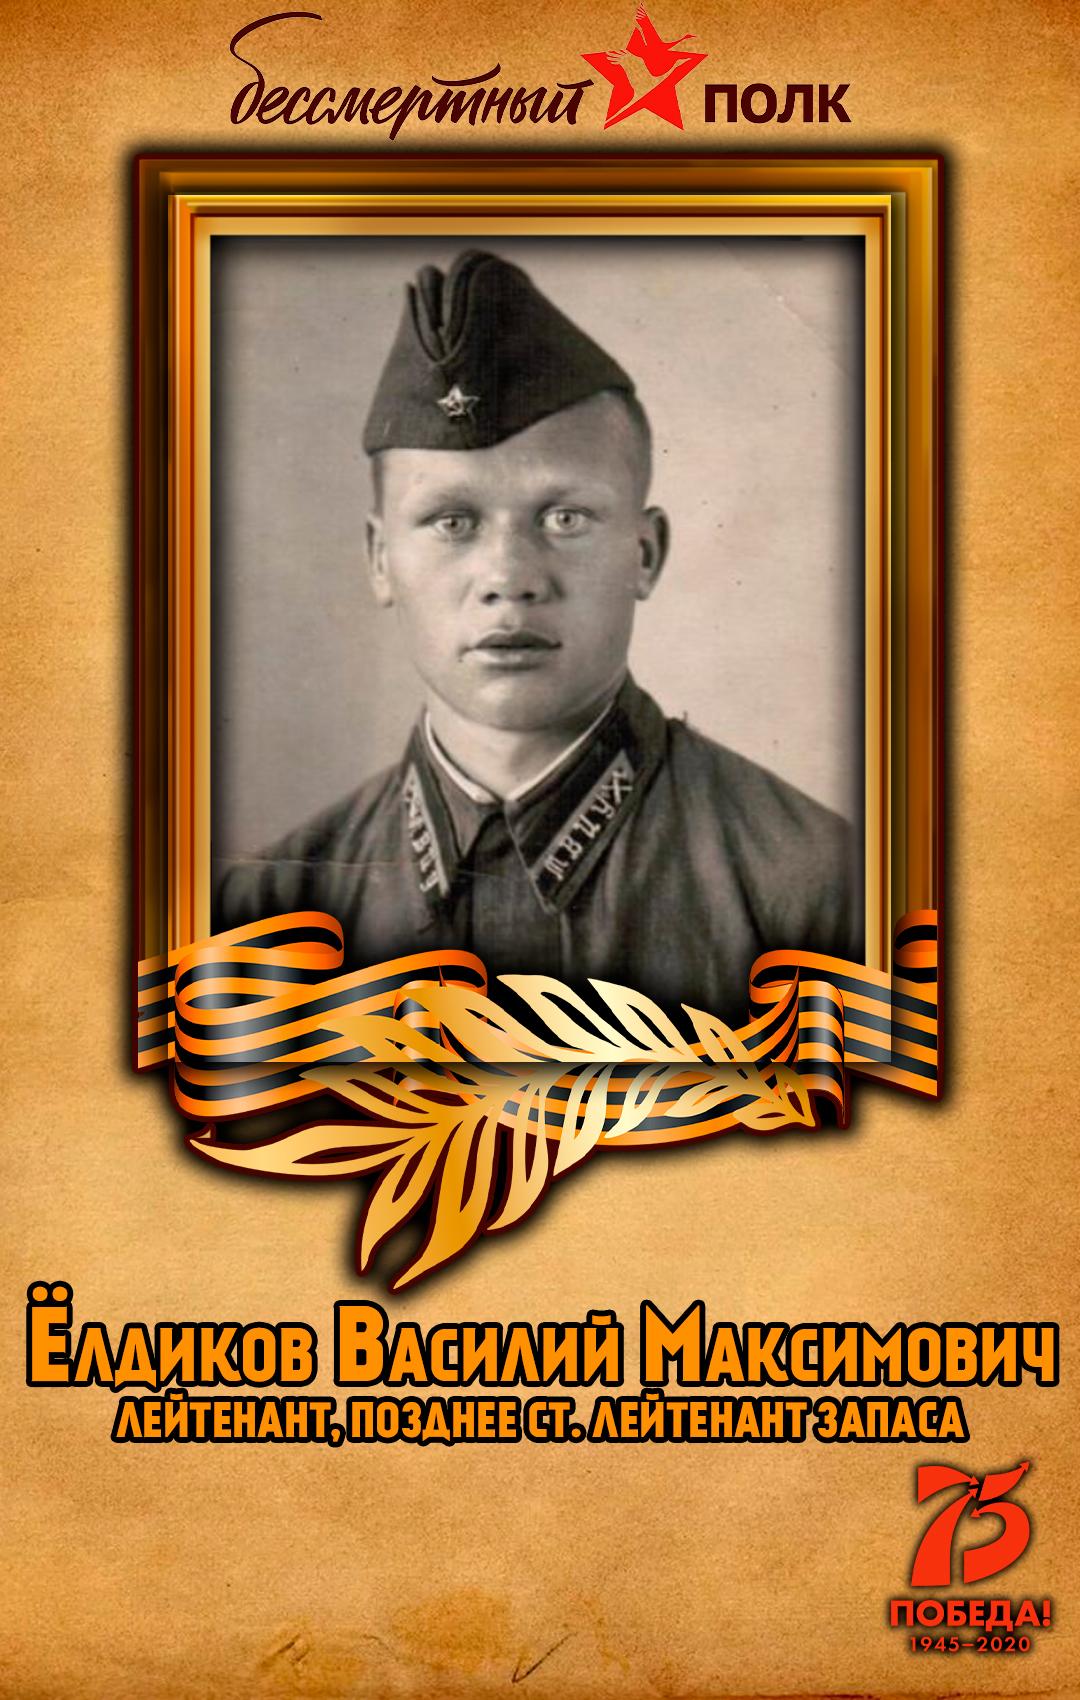 Ёлдиков-Василий-Максимович